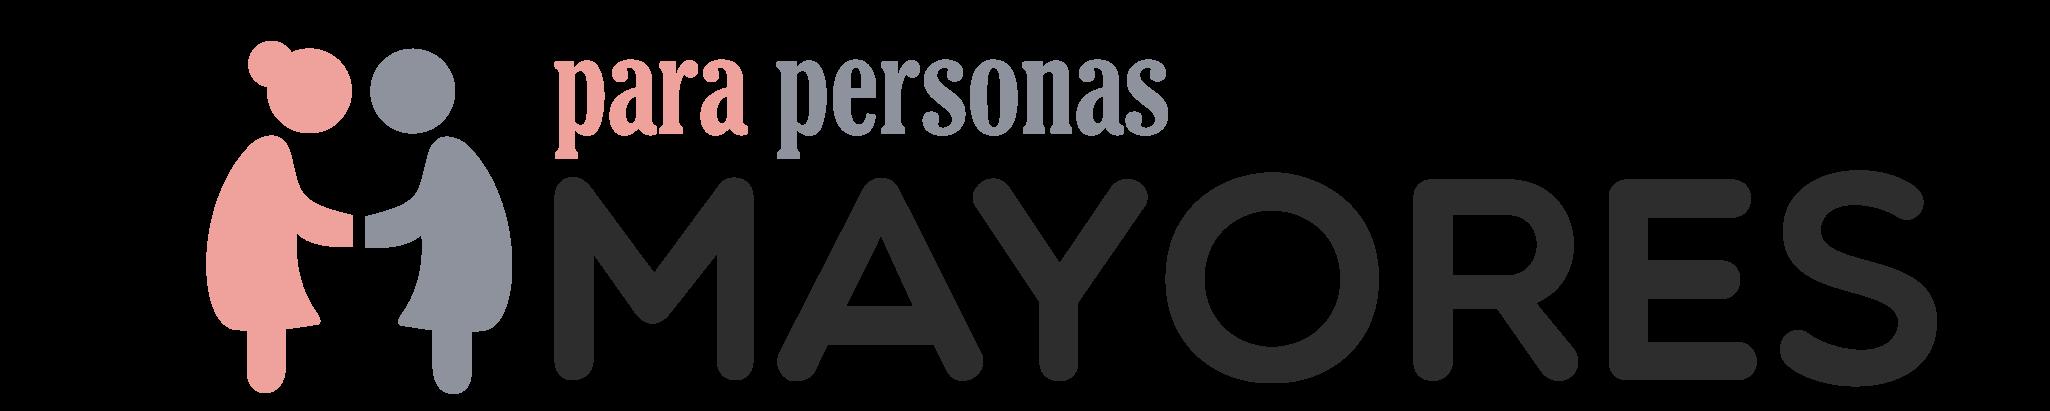 Para Personas Mayores